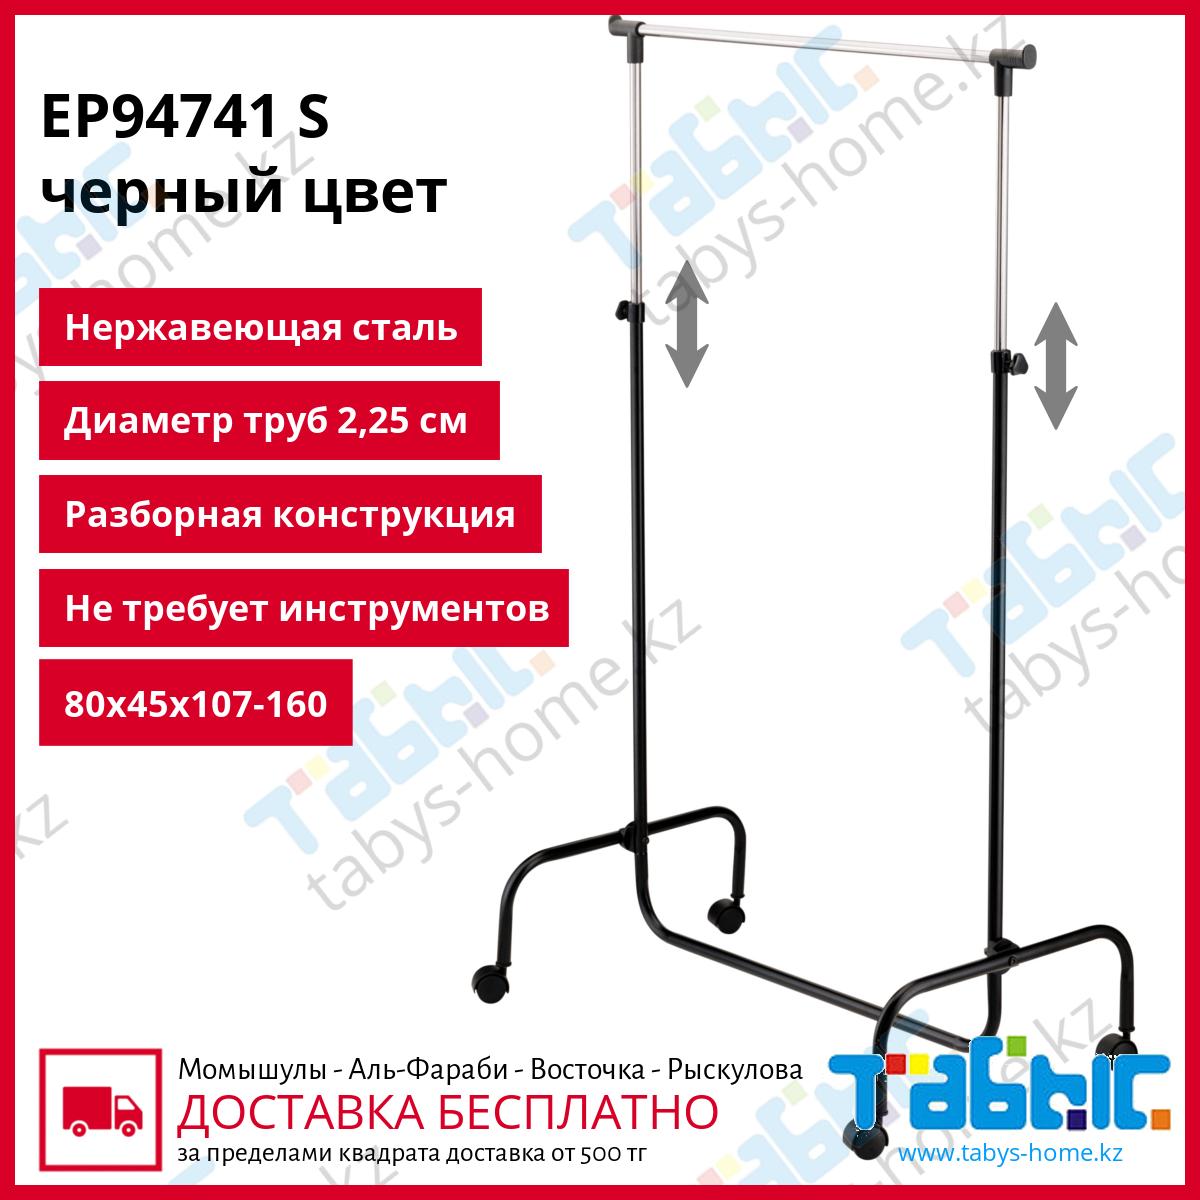 Одинарная гардеробная вешалка Табыс EP 94741 S